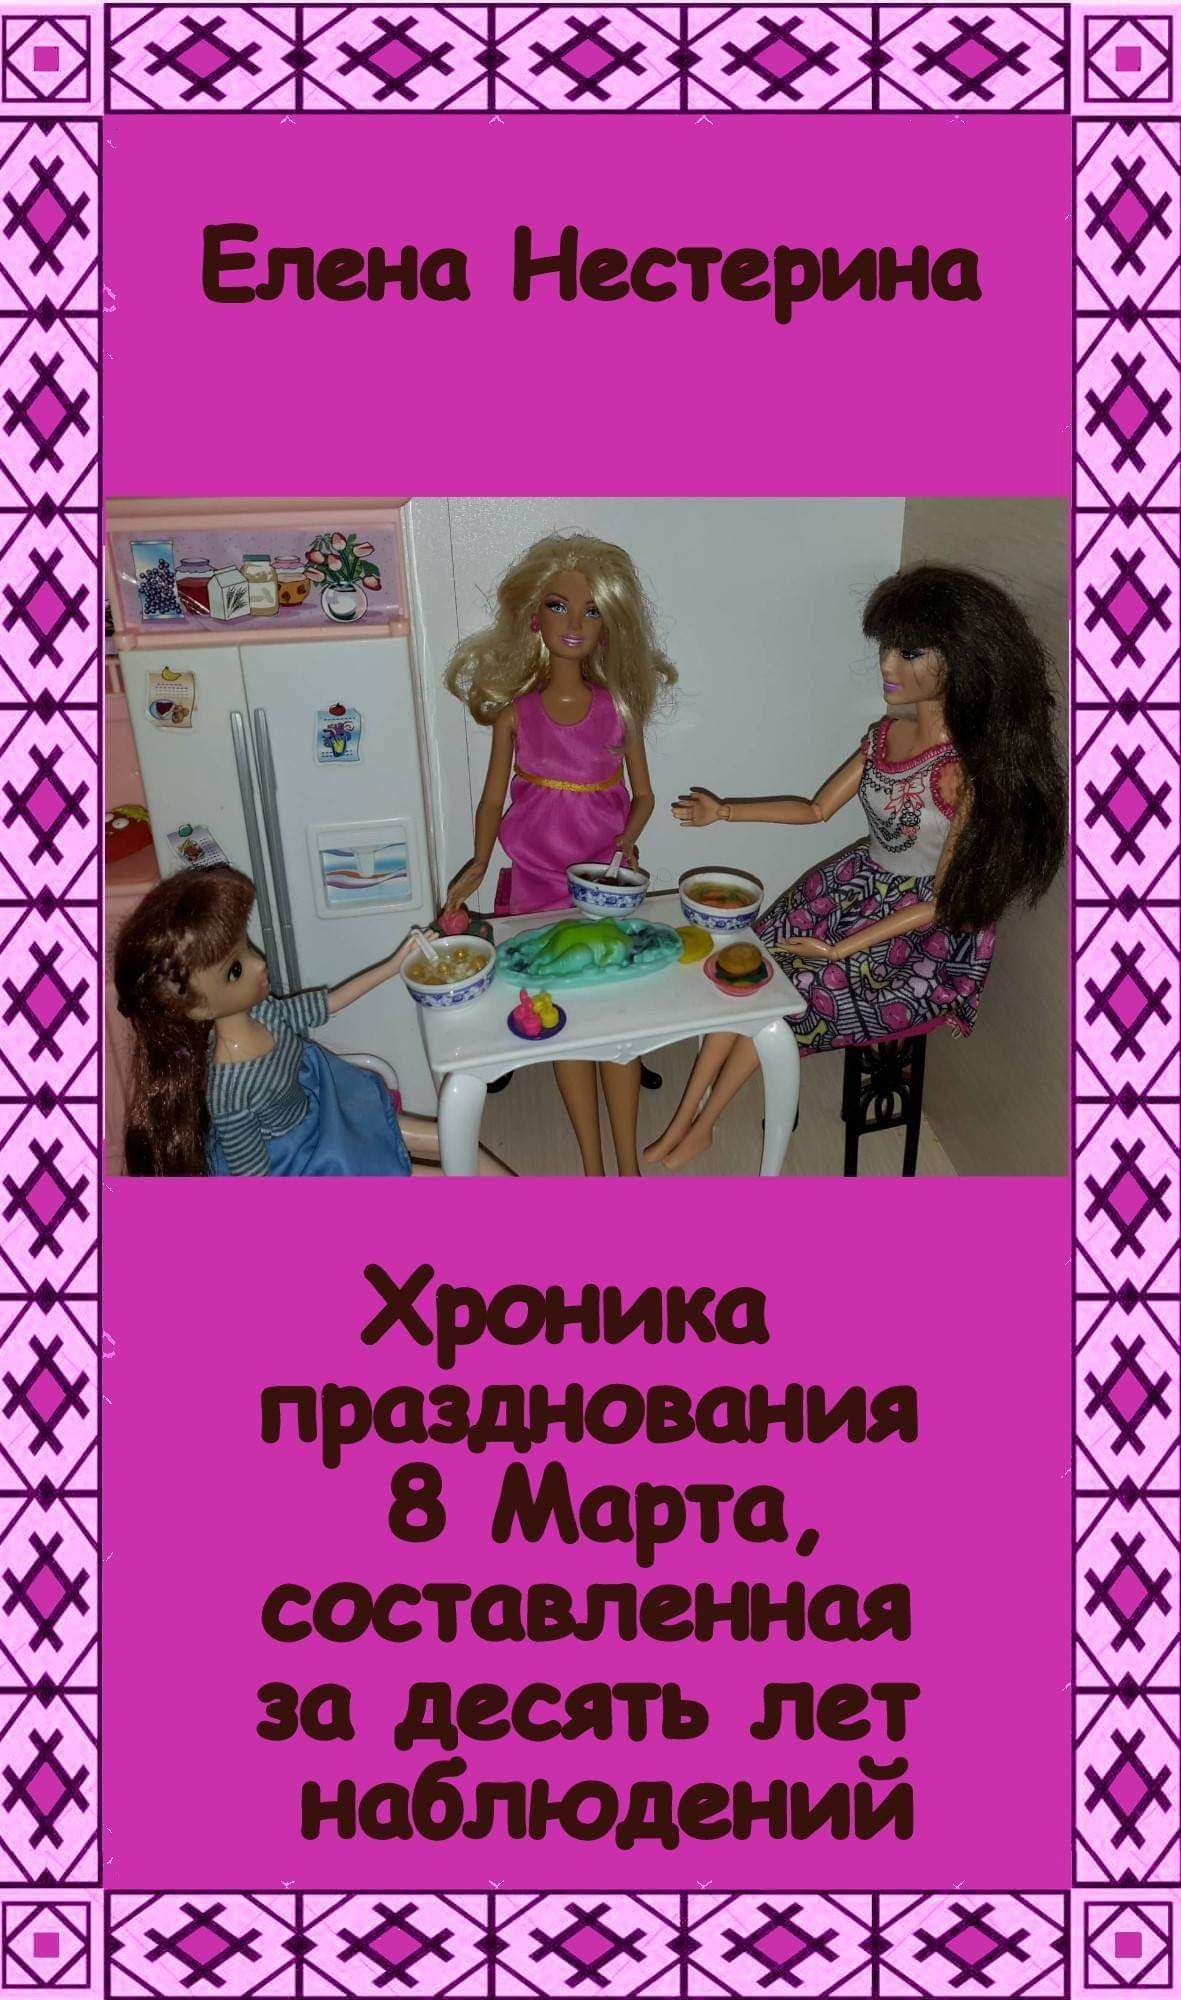 Елена Нестерина Хроника празднования 8 Марта, составленная за десять лет наблюдений канделябр 3 свечи stilars 8 марта женщинам